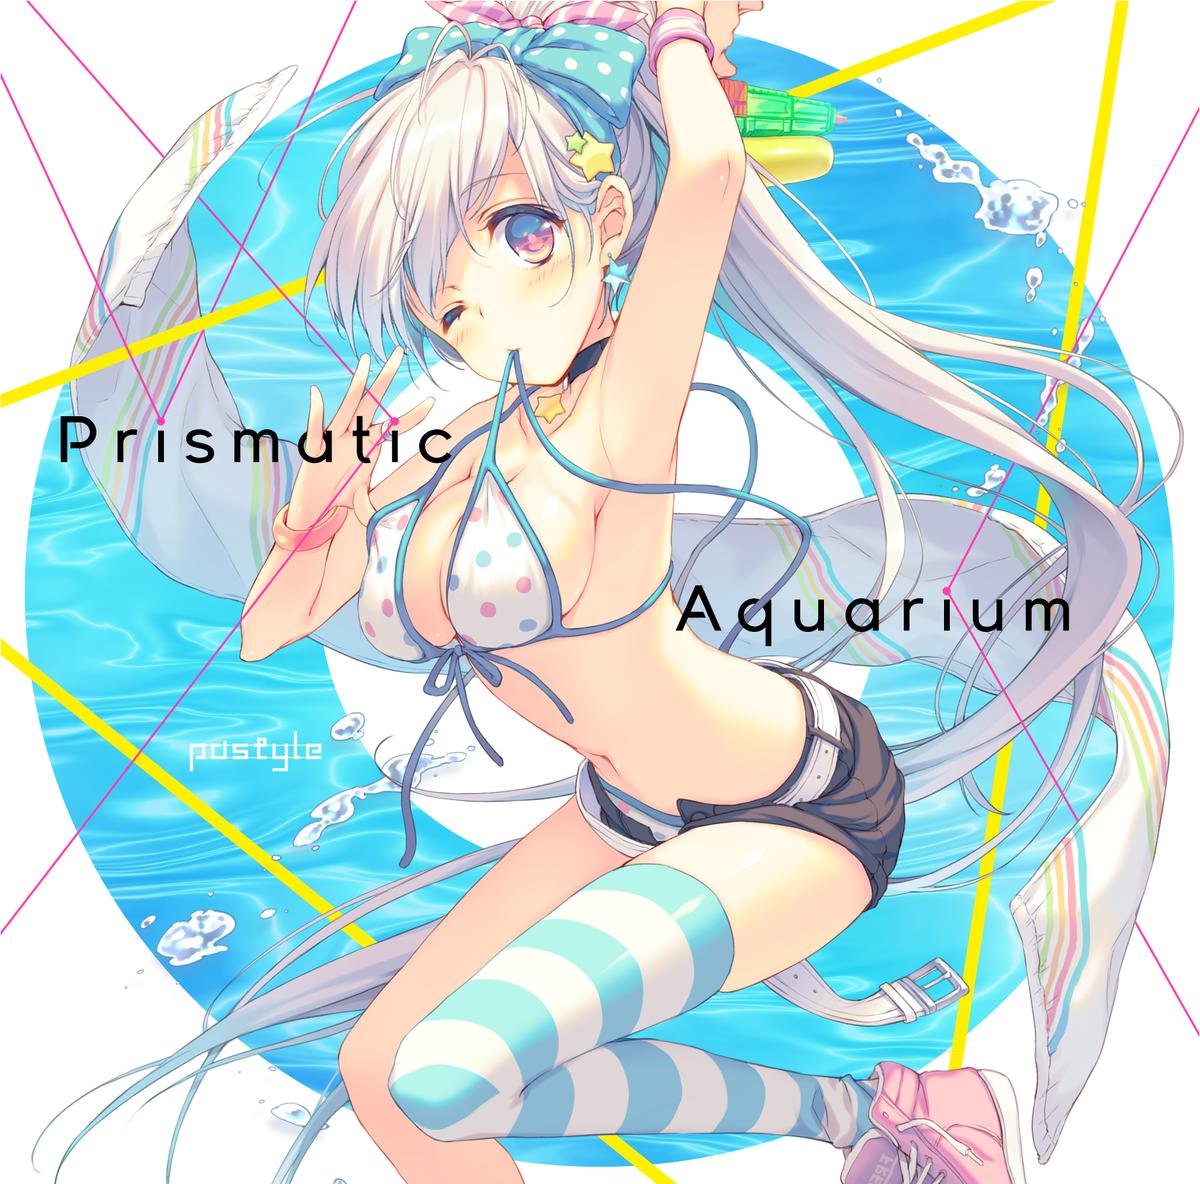 メロンちゃんでも予約始まってるのでおねがいします。トラックリストで全員Vocalになってますが気にしないでくださいね!!ね!!! Prismatic Aquarium(pastyle)  https://t.co/4WwppFNtKU http://t.co/4O9dtRlVso